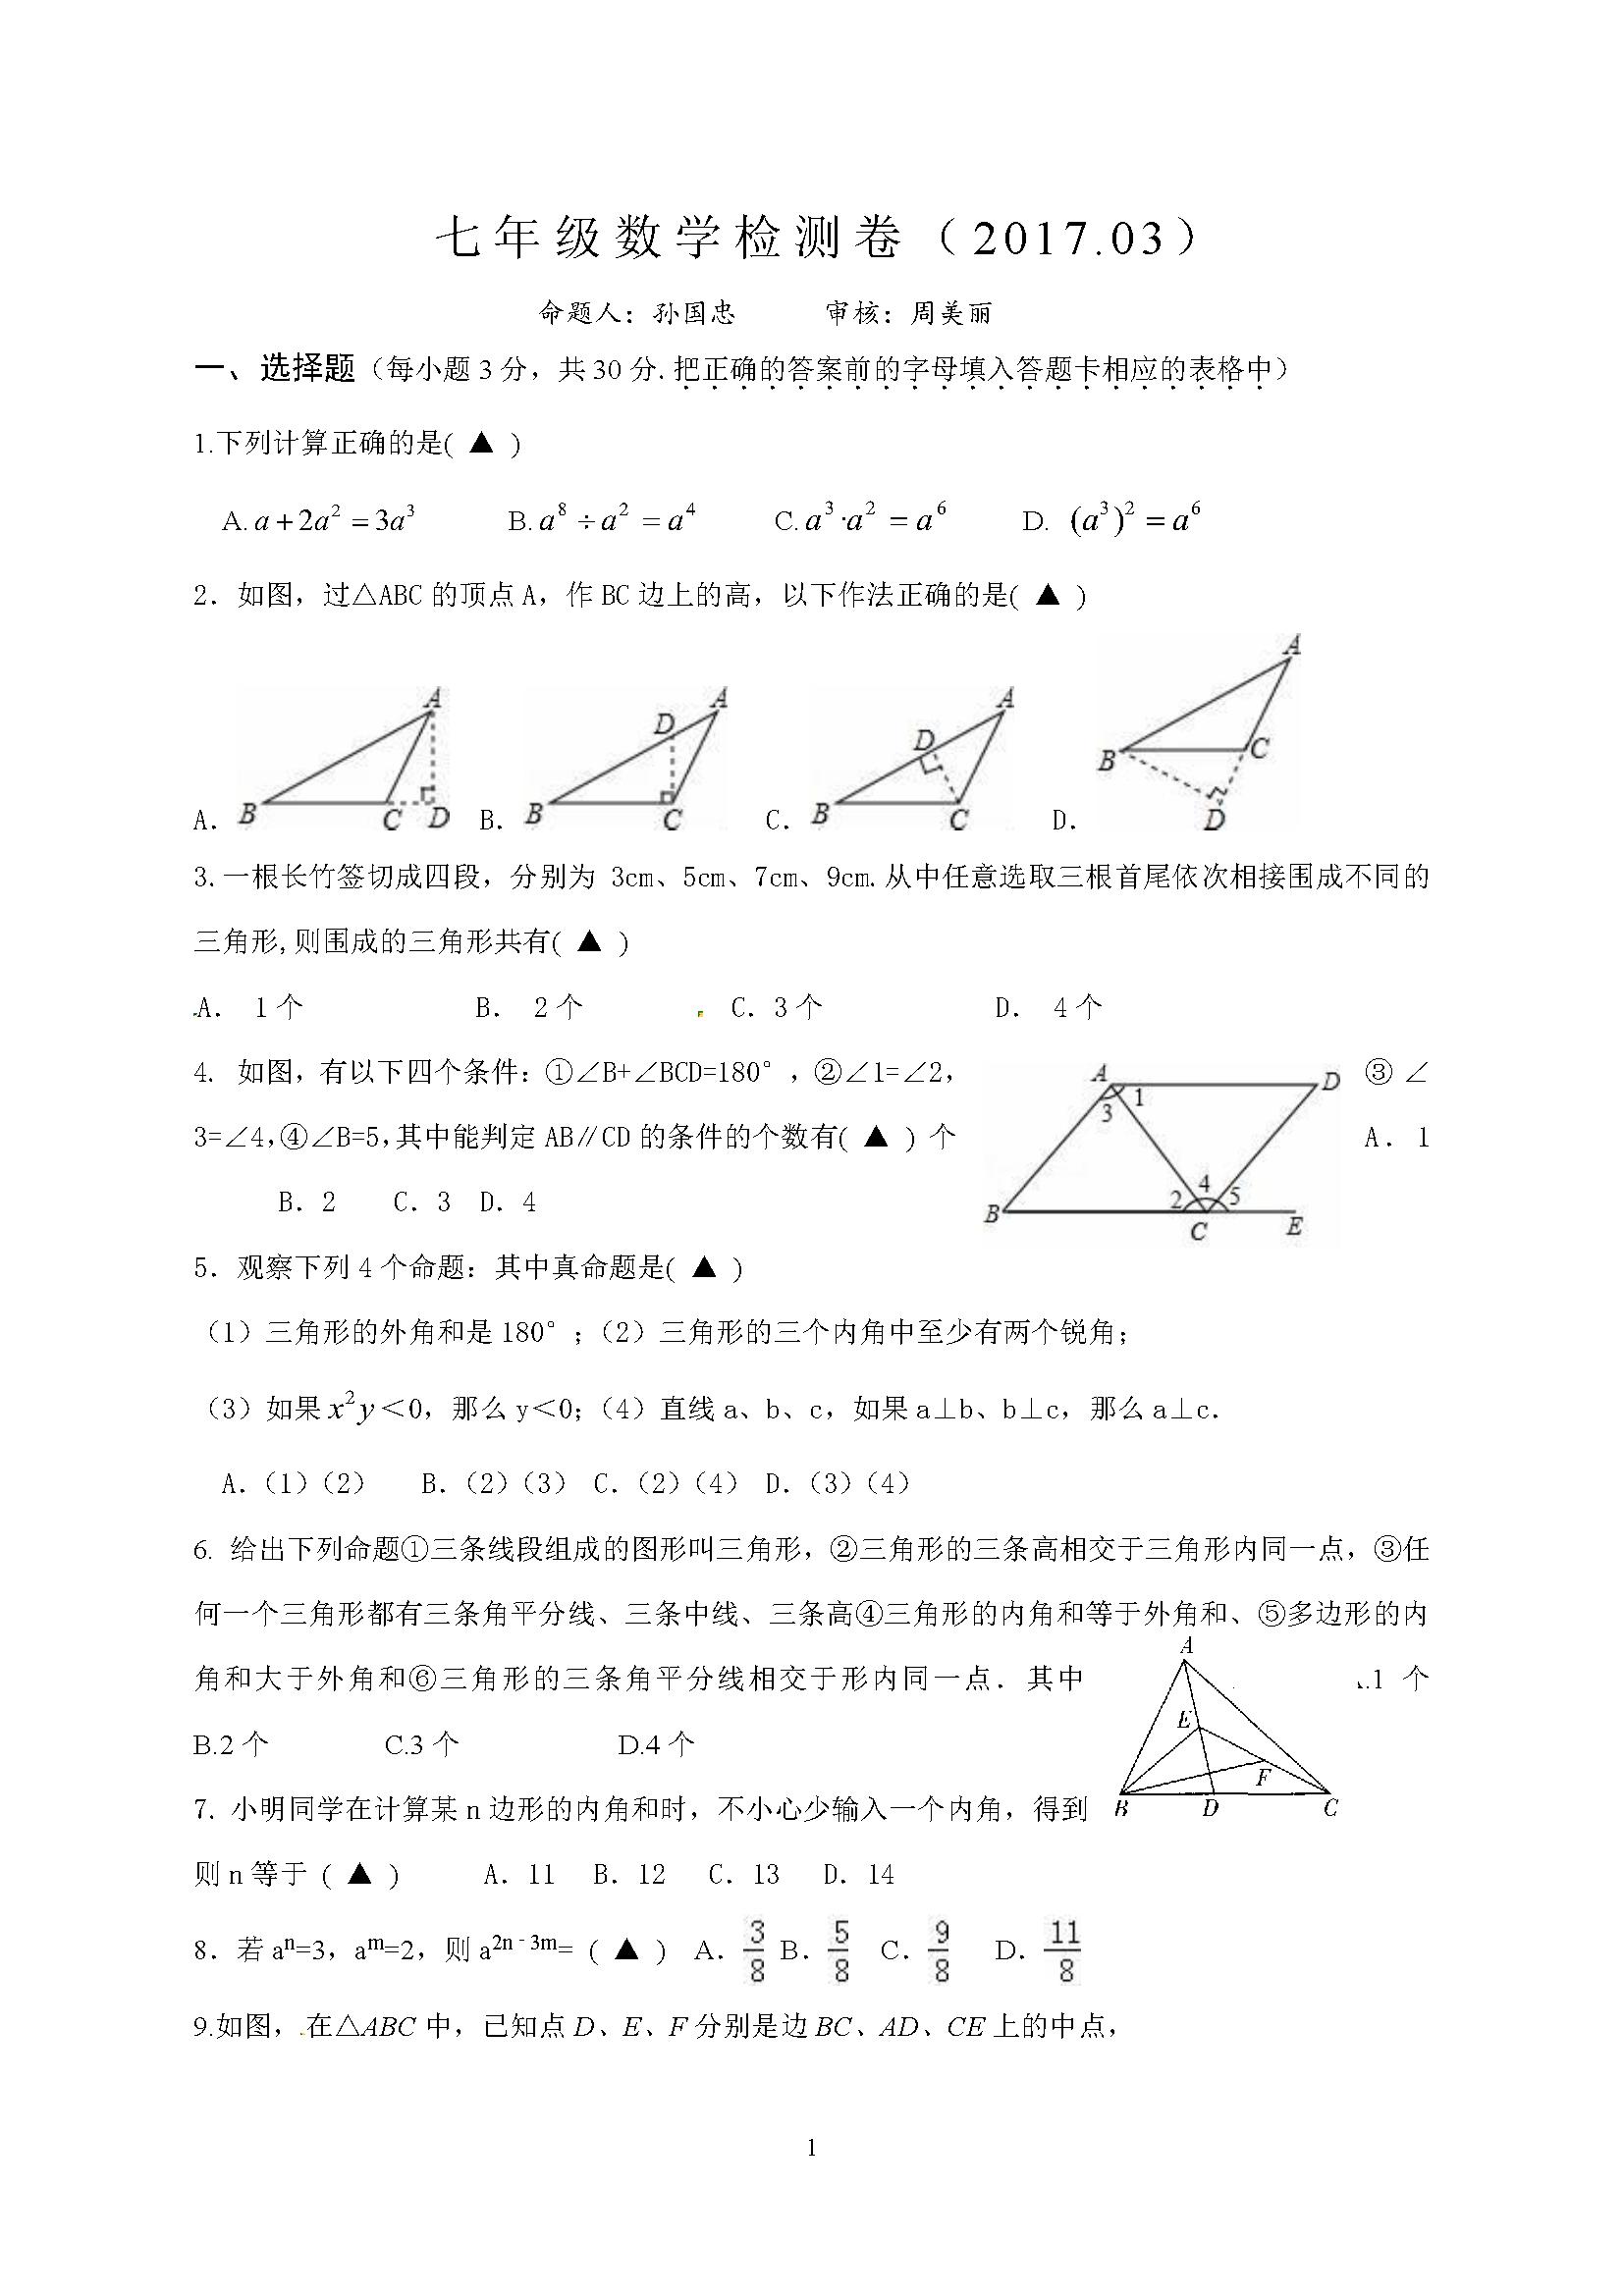 2017江苏镇江丹阳实验学校七年级3月月考数学试题(Word版)